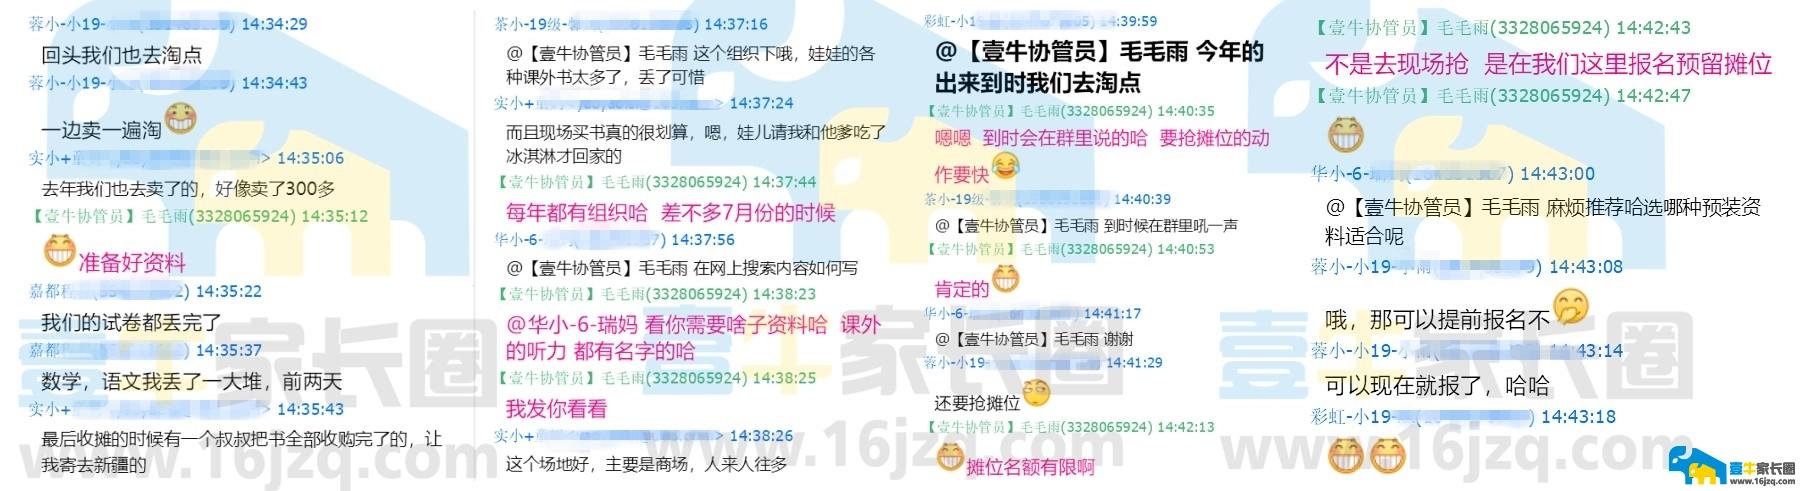 """店小主招募令——第七屆""""壹牛家長圈淘書樂""""活動來了[成都]"""